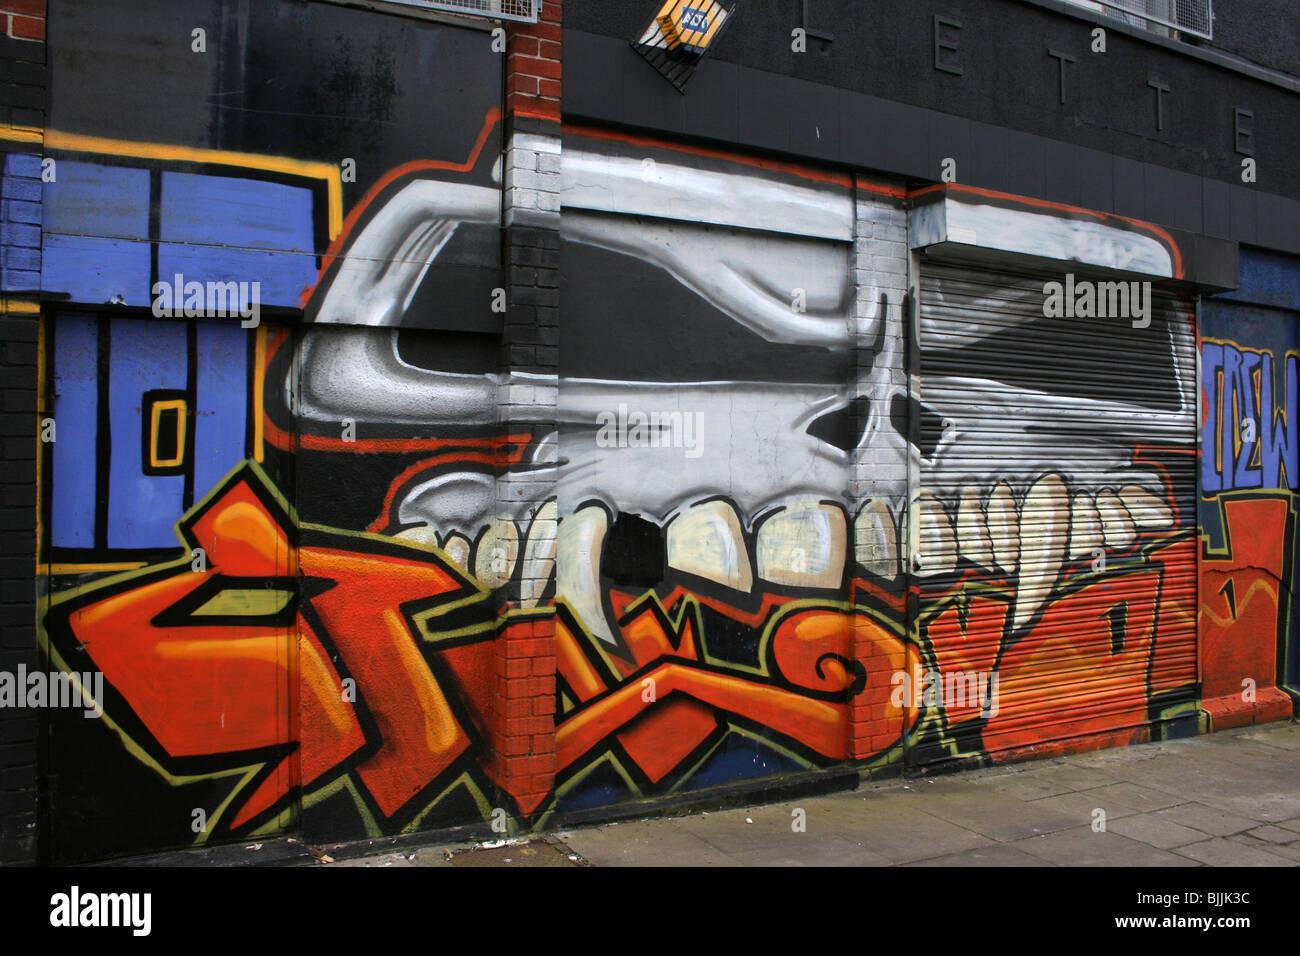 Skull Graffiti By Tct Liverpool Merseyside Uk Stock Image